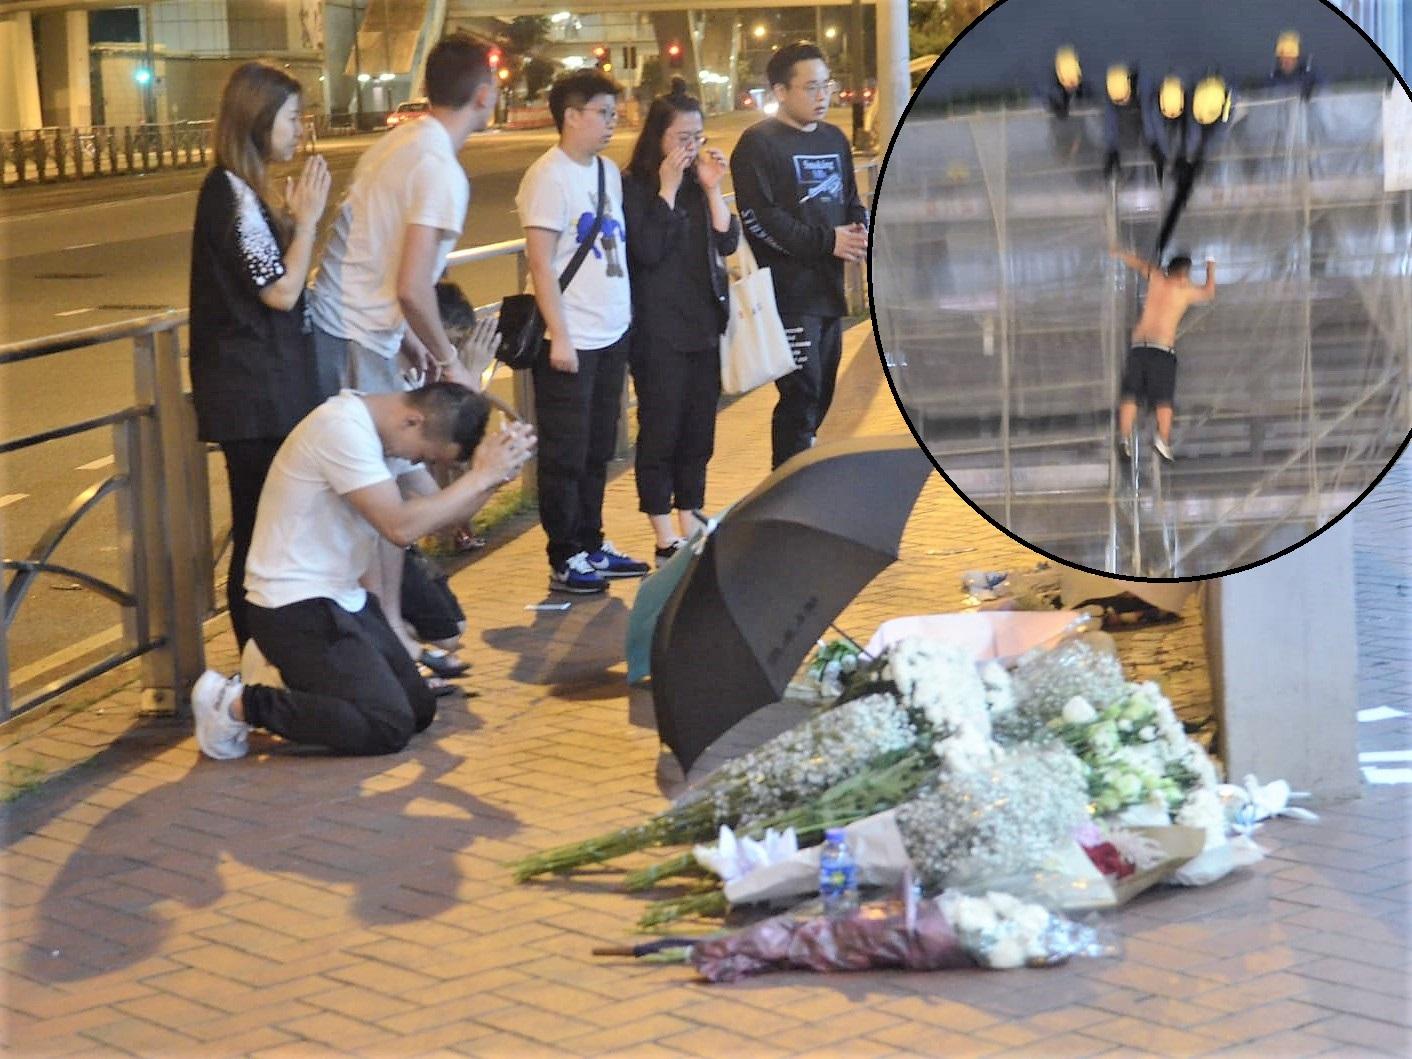 有市民带同白花到现场悼念。小图为堕楼一刻。